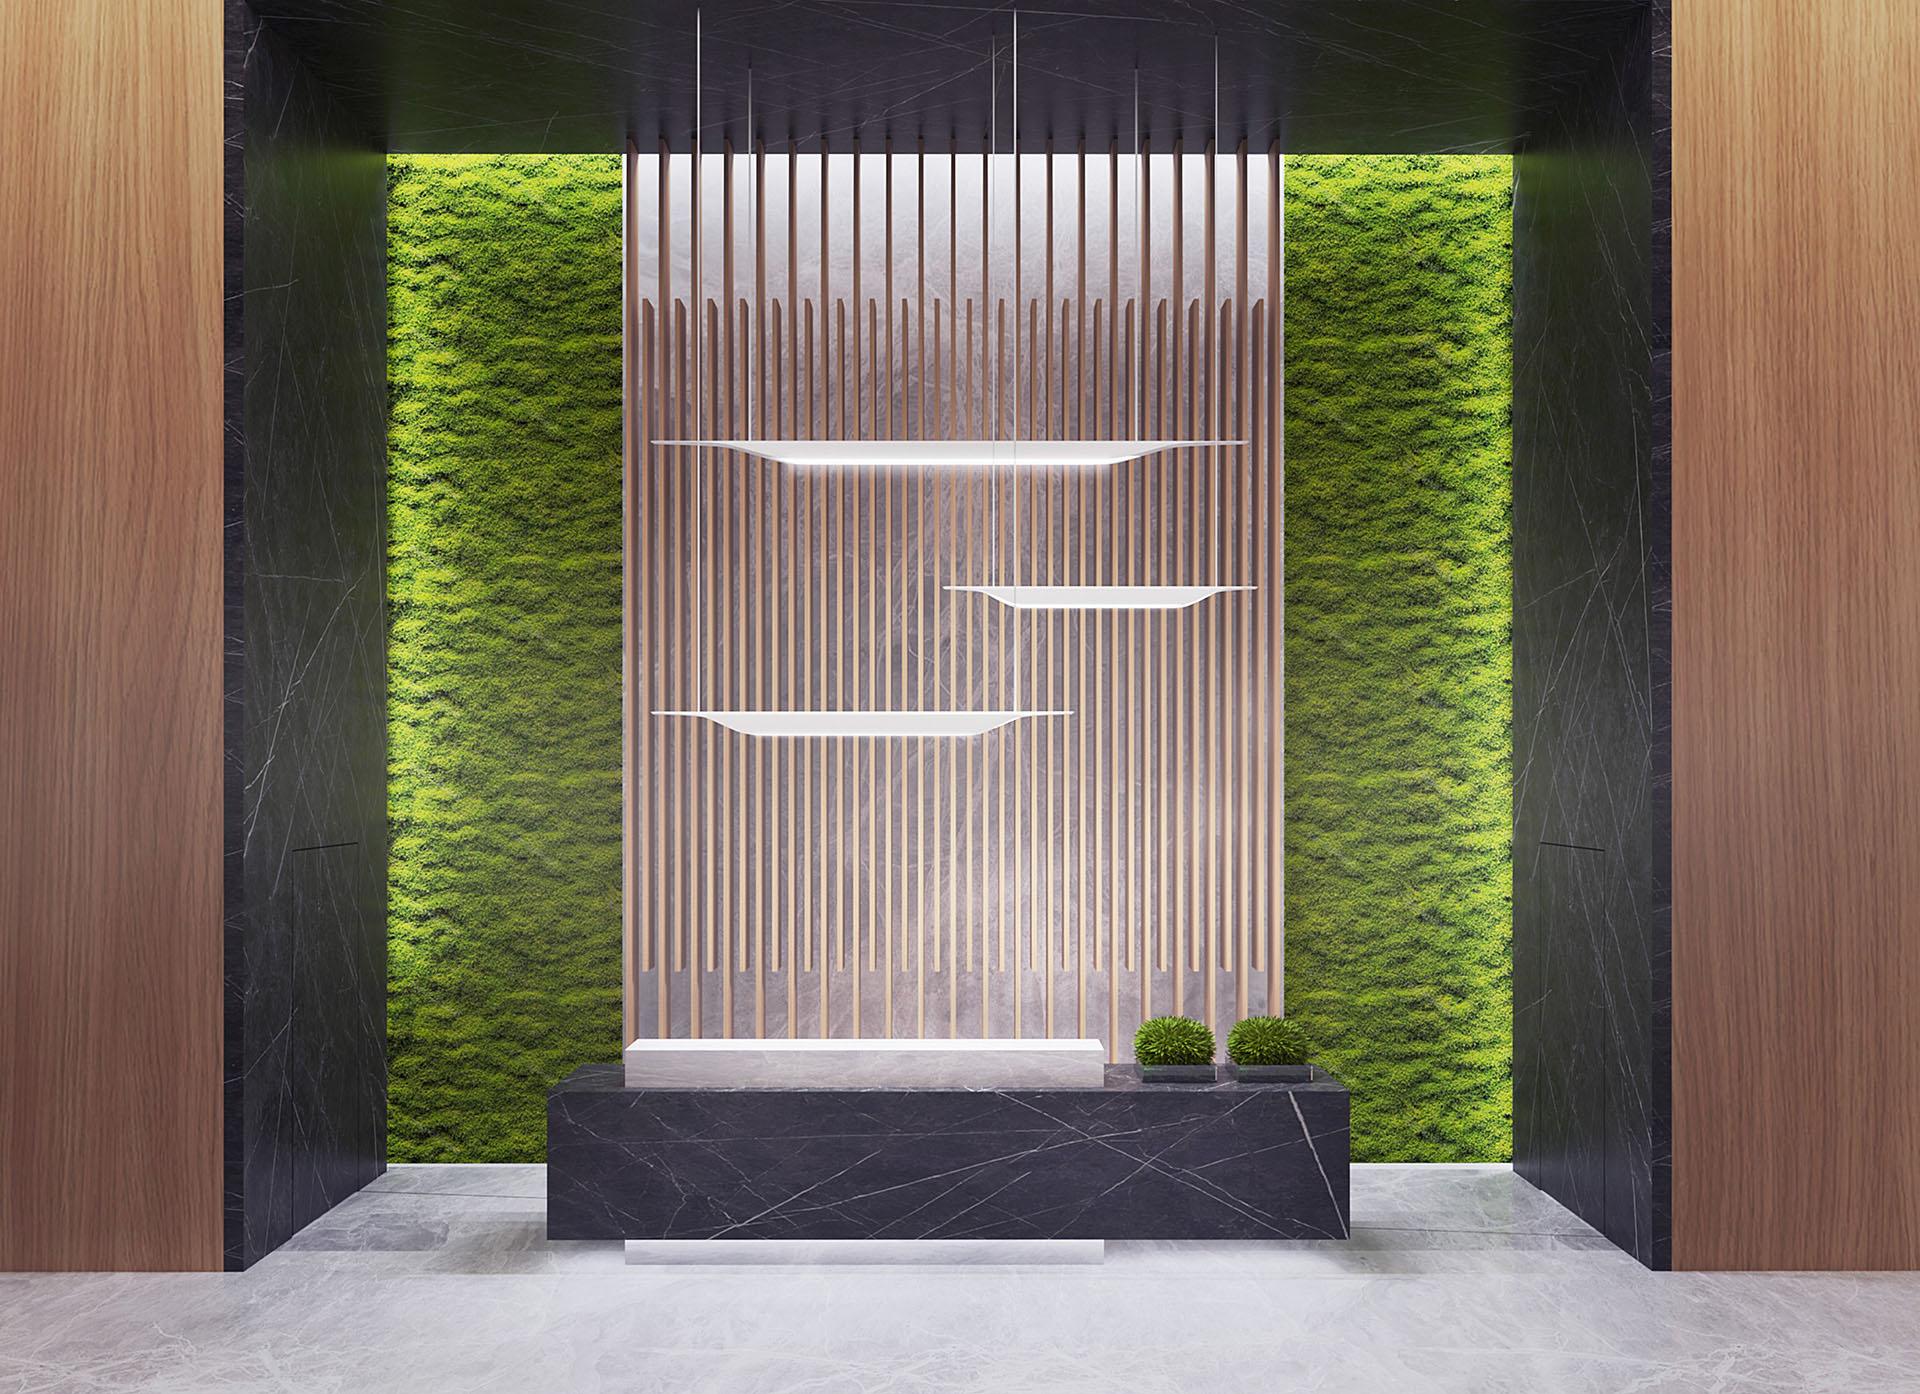 """Nagroda PLGBC Green Building Awards 2018 dla """"Eco Warsaw Tower"""" (źródło: materiały prasowe organizatorów)"""